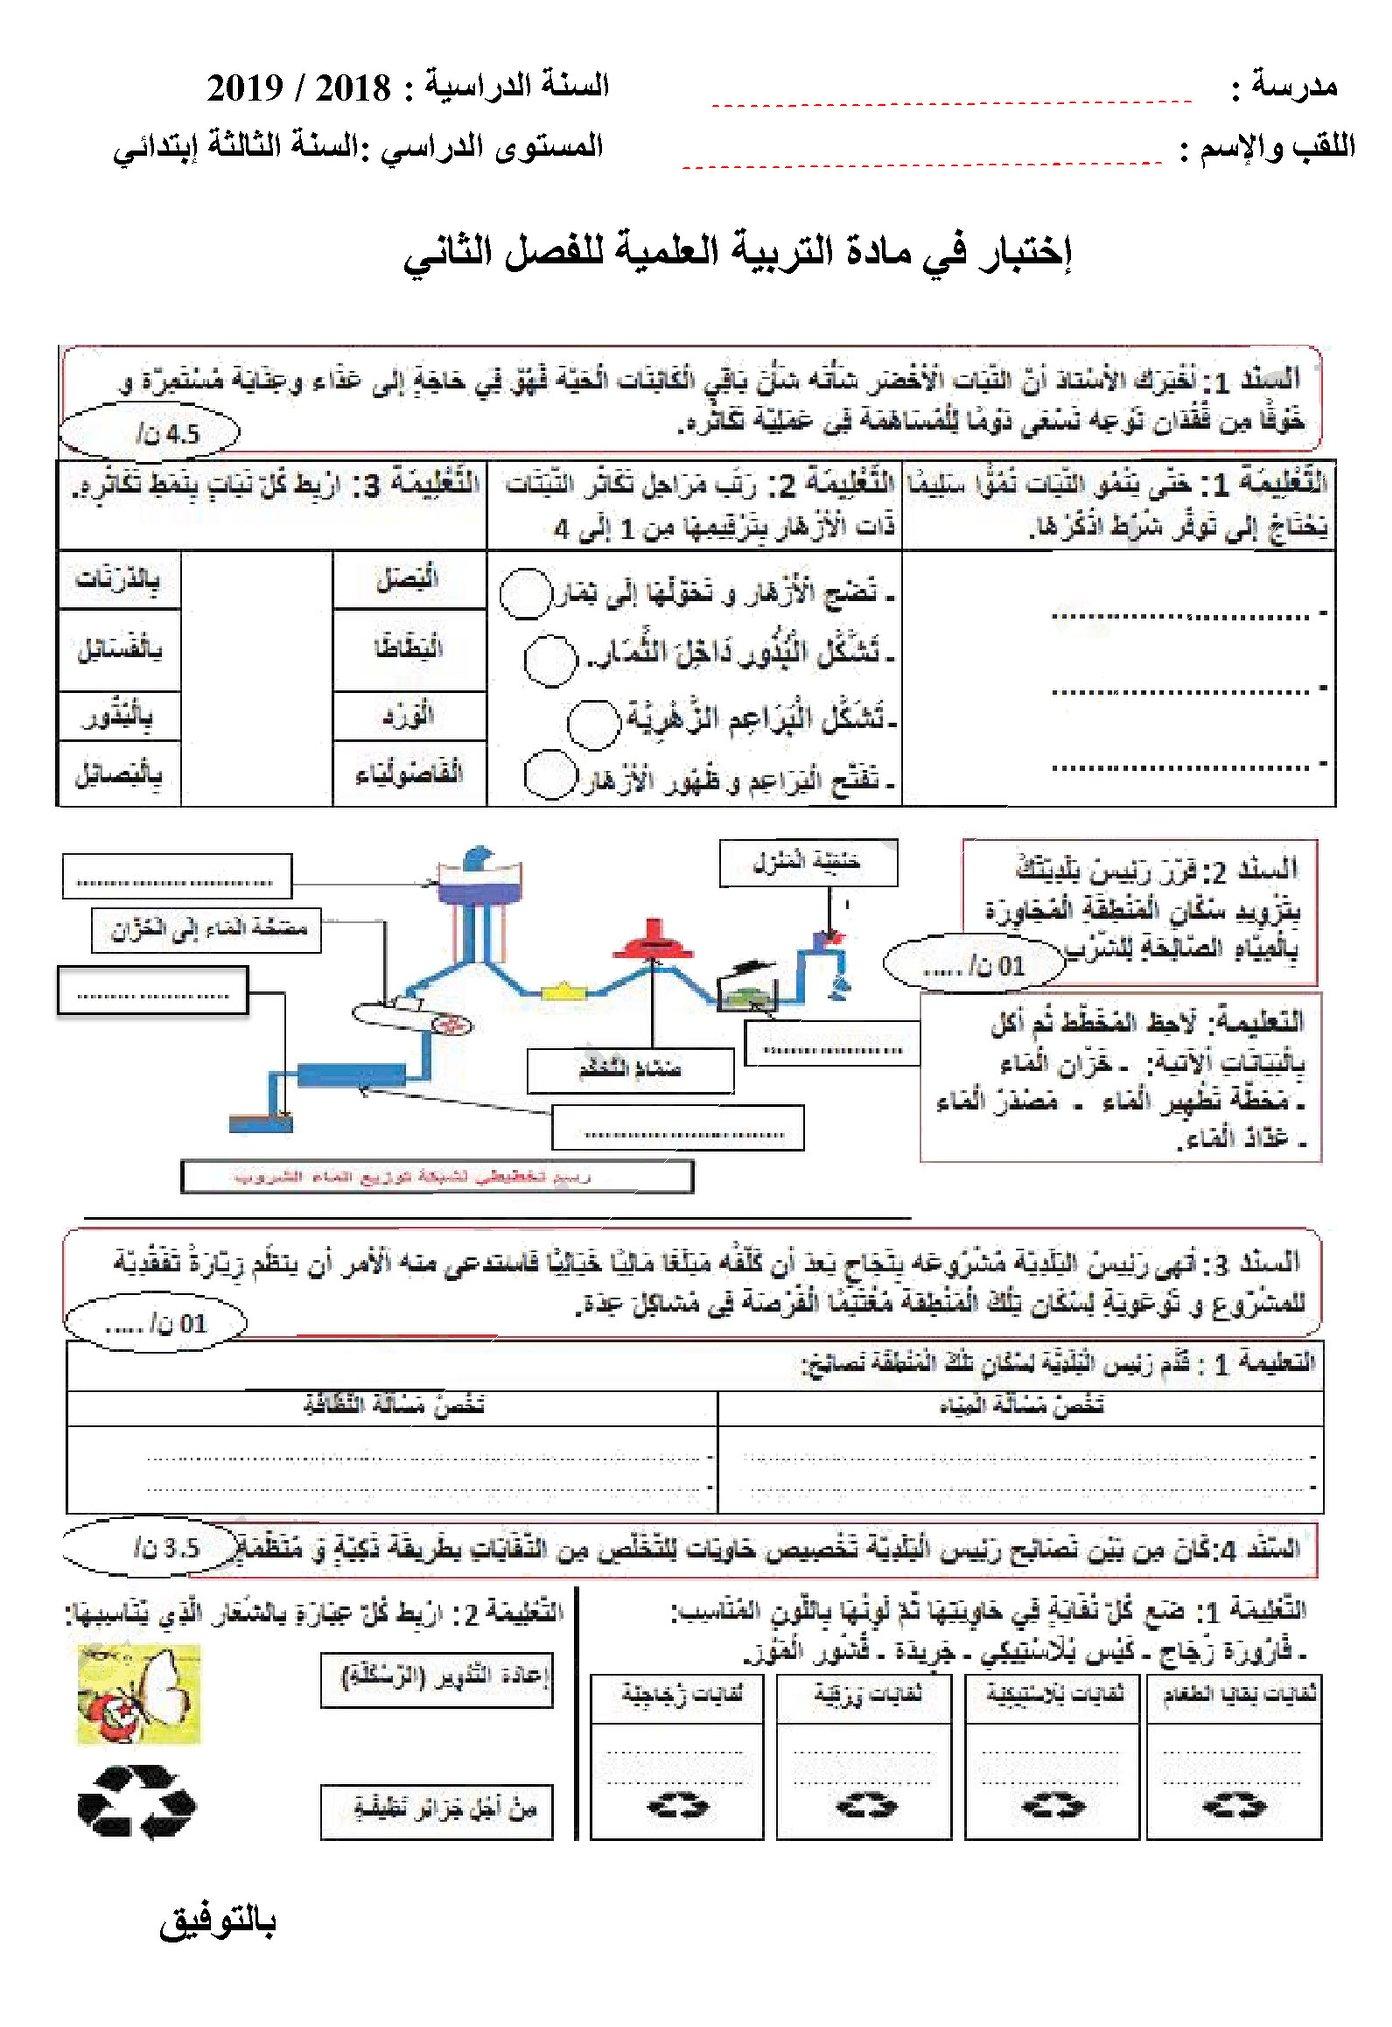 اختبار الفصل الثاني في التربية العلمية   السنة الثالثة ابتدائي   الموضوع 02